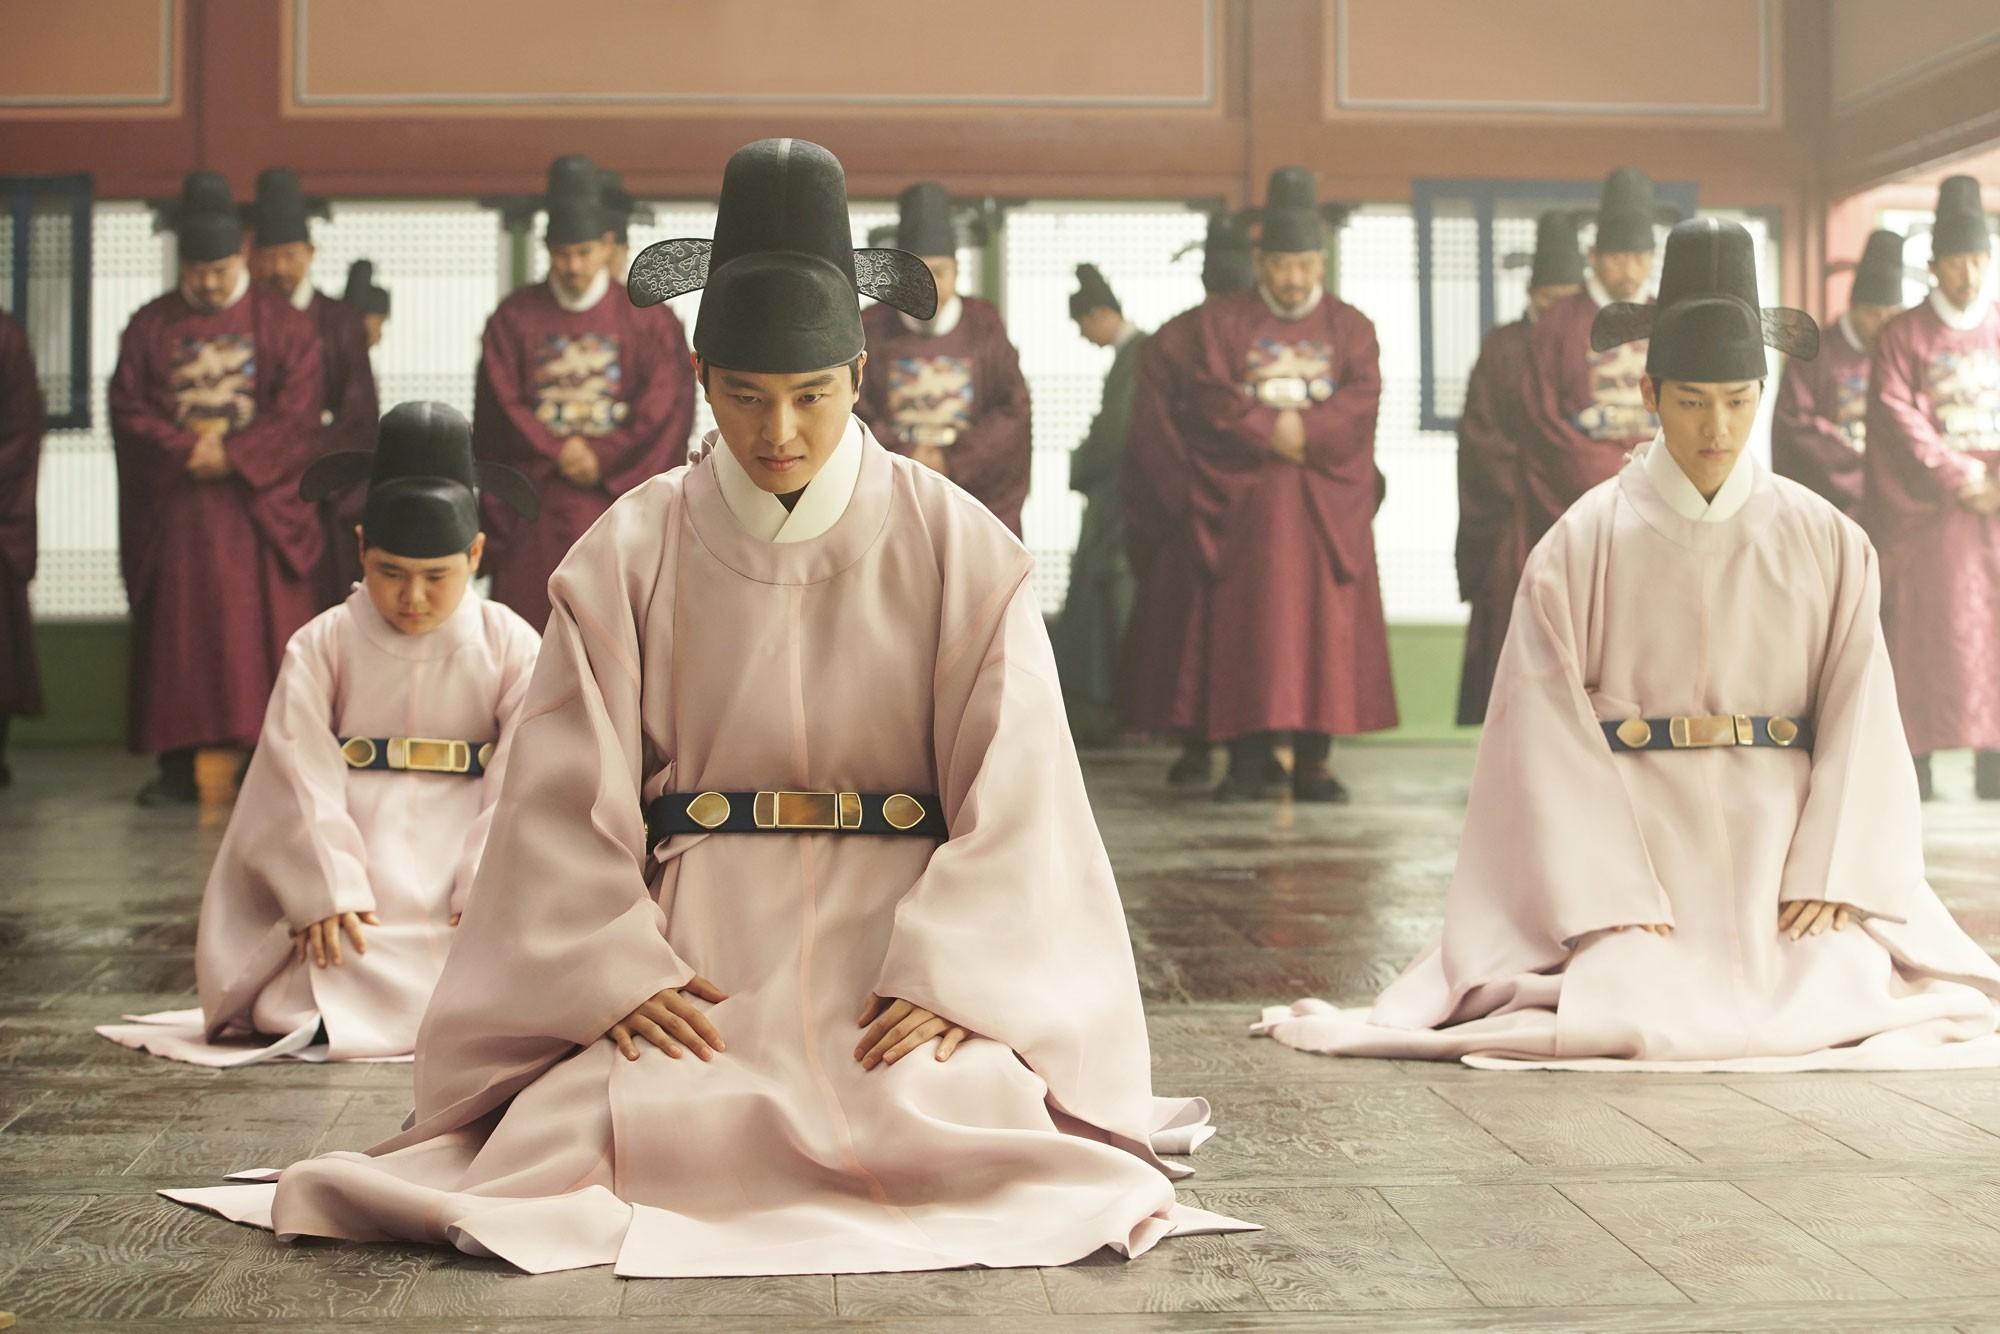 Phim mới của Lee Seung Gi: Khi con rể quốc dân cũng flop dập mặt vì quá thiếu muối - Ảnh 3.